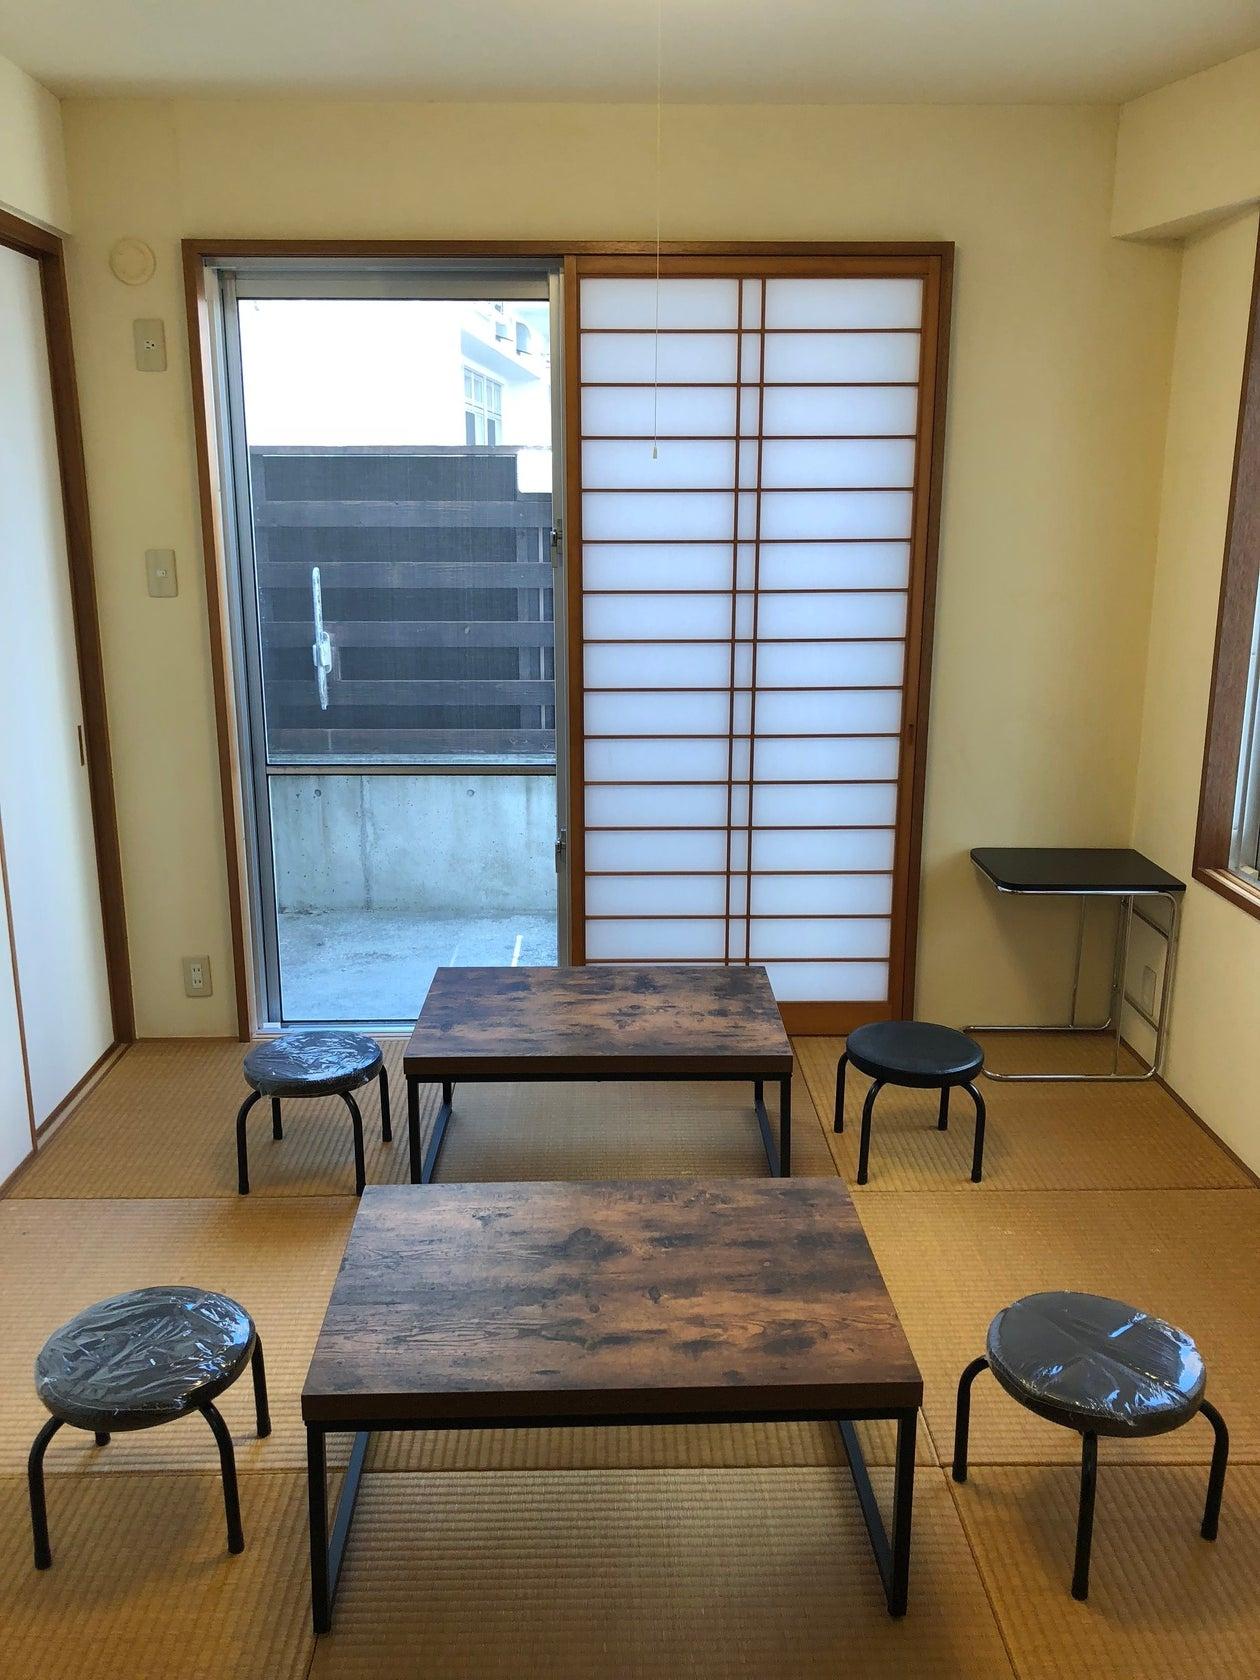 キッチン・冷蔵庫付きリノベスペース!女子会、教室利用などに! の写真